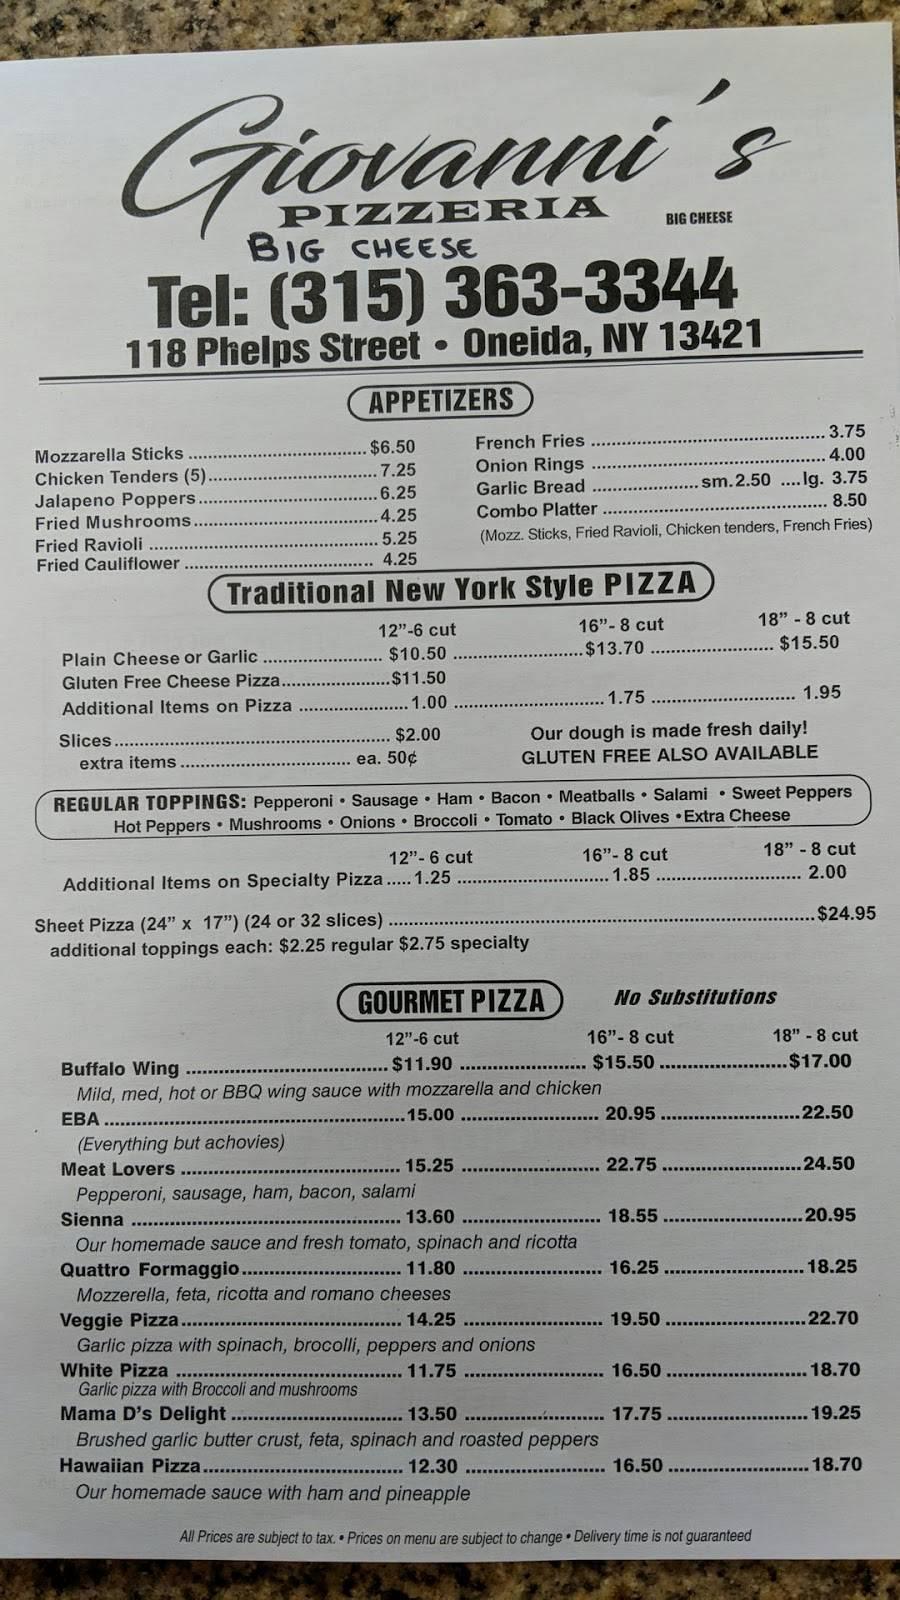 Giovannis big cheese pizzeria oneida ny | restaurant | 118 Phelps St, Oneida, NY 13421, USA | 3153633344 OR +1 315-363-3344